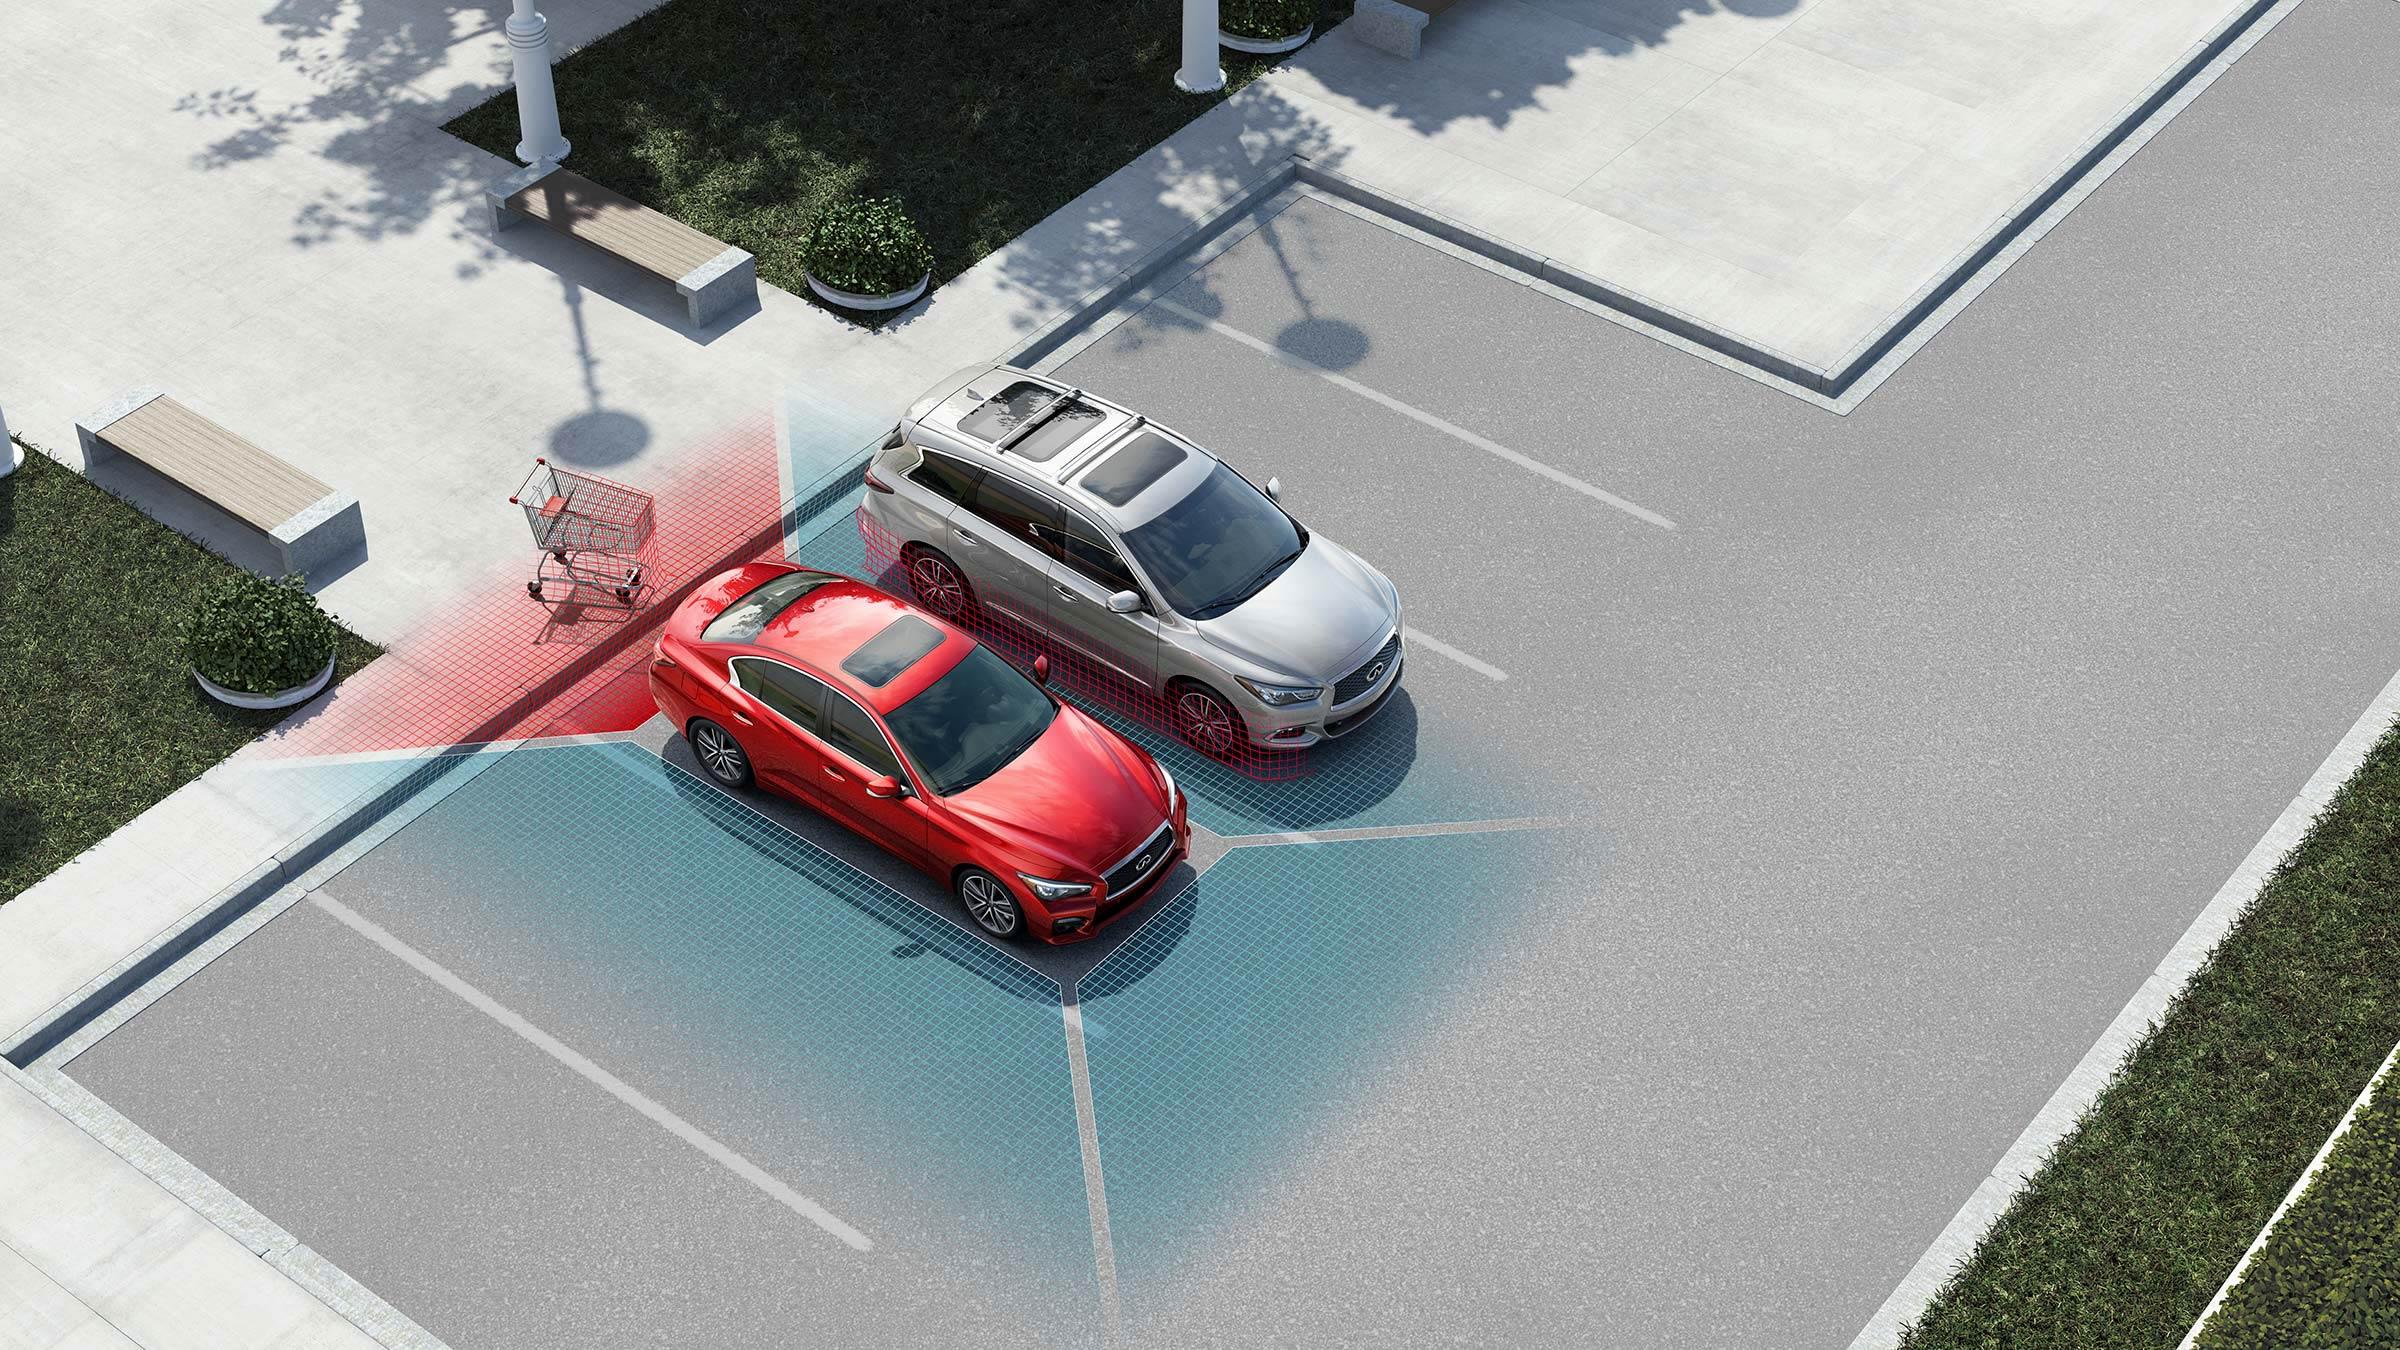 倒車碰撞預防系統